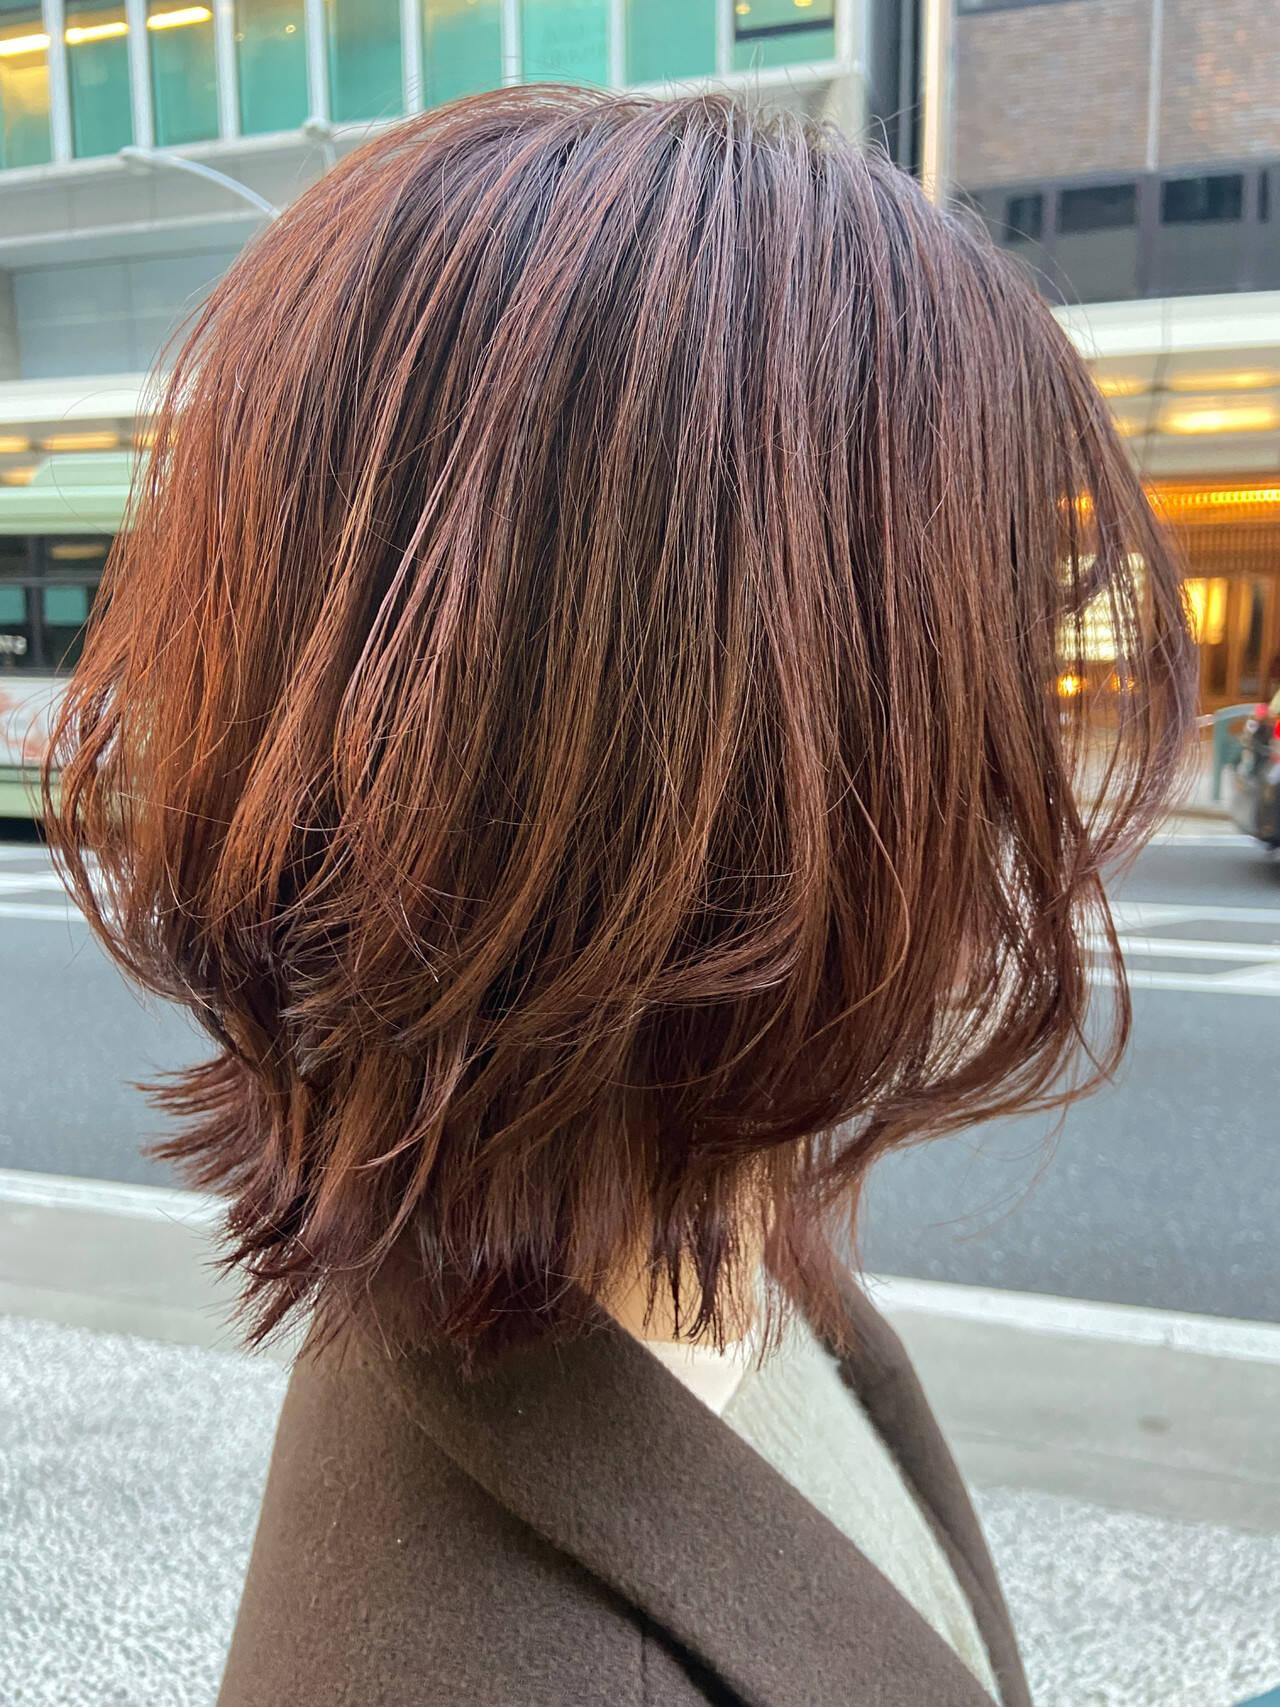 ナチュラルウルフ ニュアンスウルフ ブラウンベージュ ミディアムヘアスタイルや髪型の写真・画像